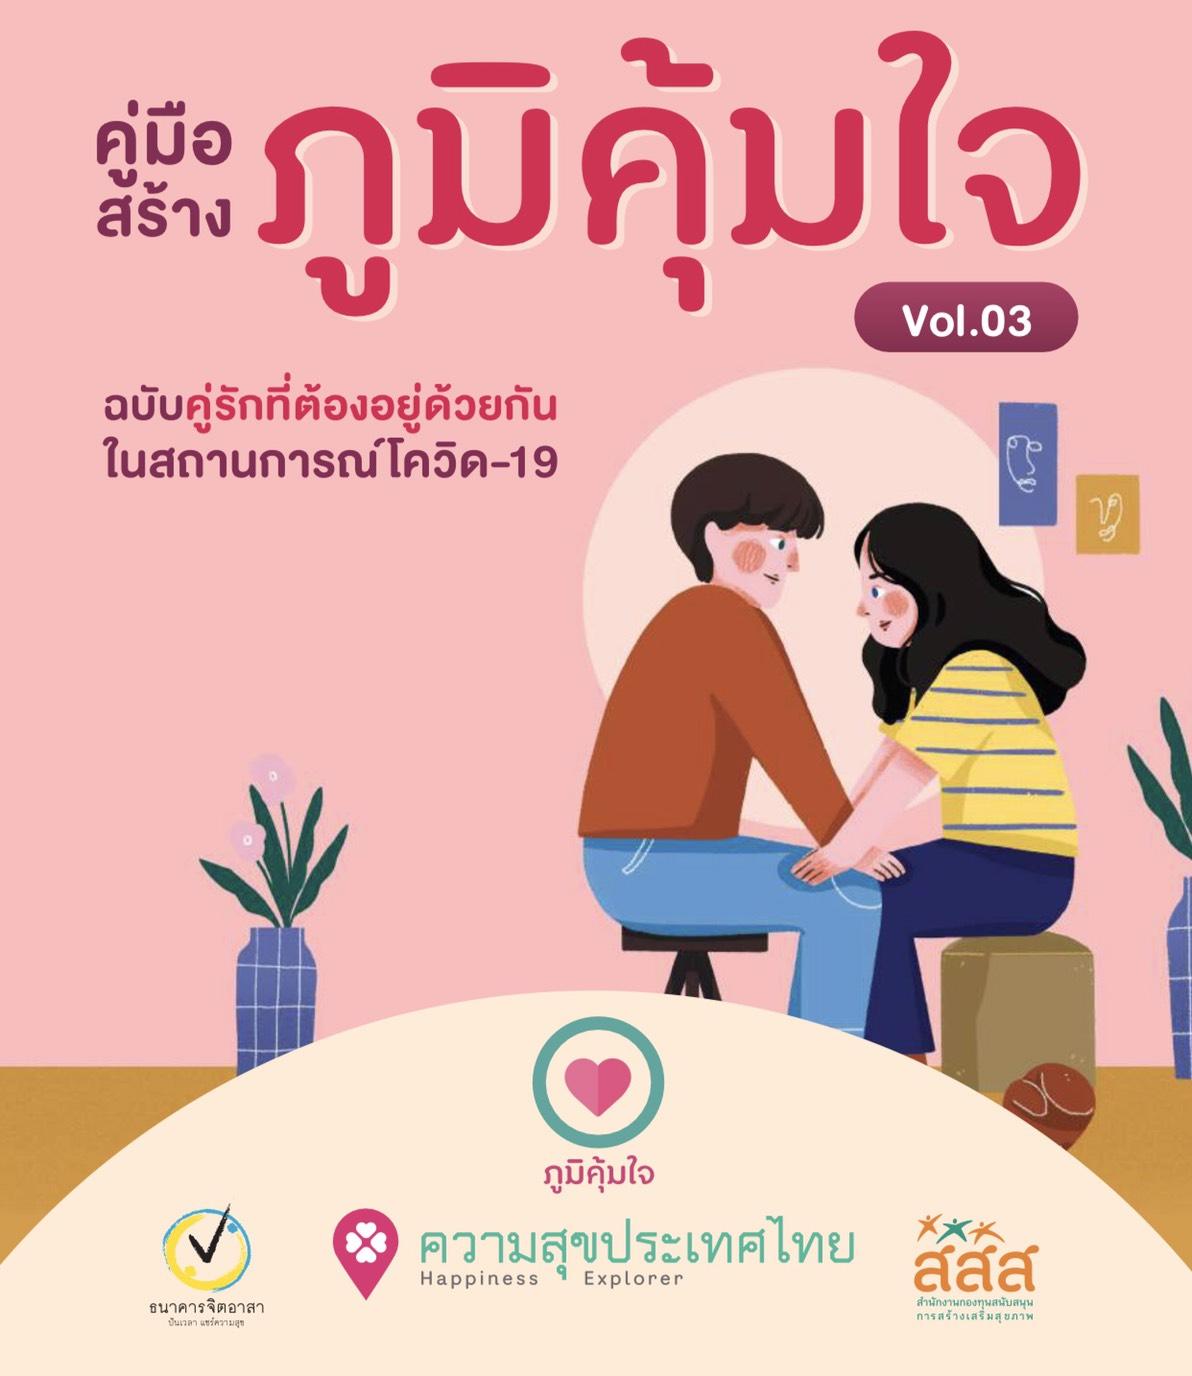 เปิดตัวคู่มือสร้างภูมิคุ้มใจ วัคซีนต้านความทุกข์ thaihealth